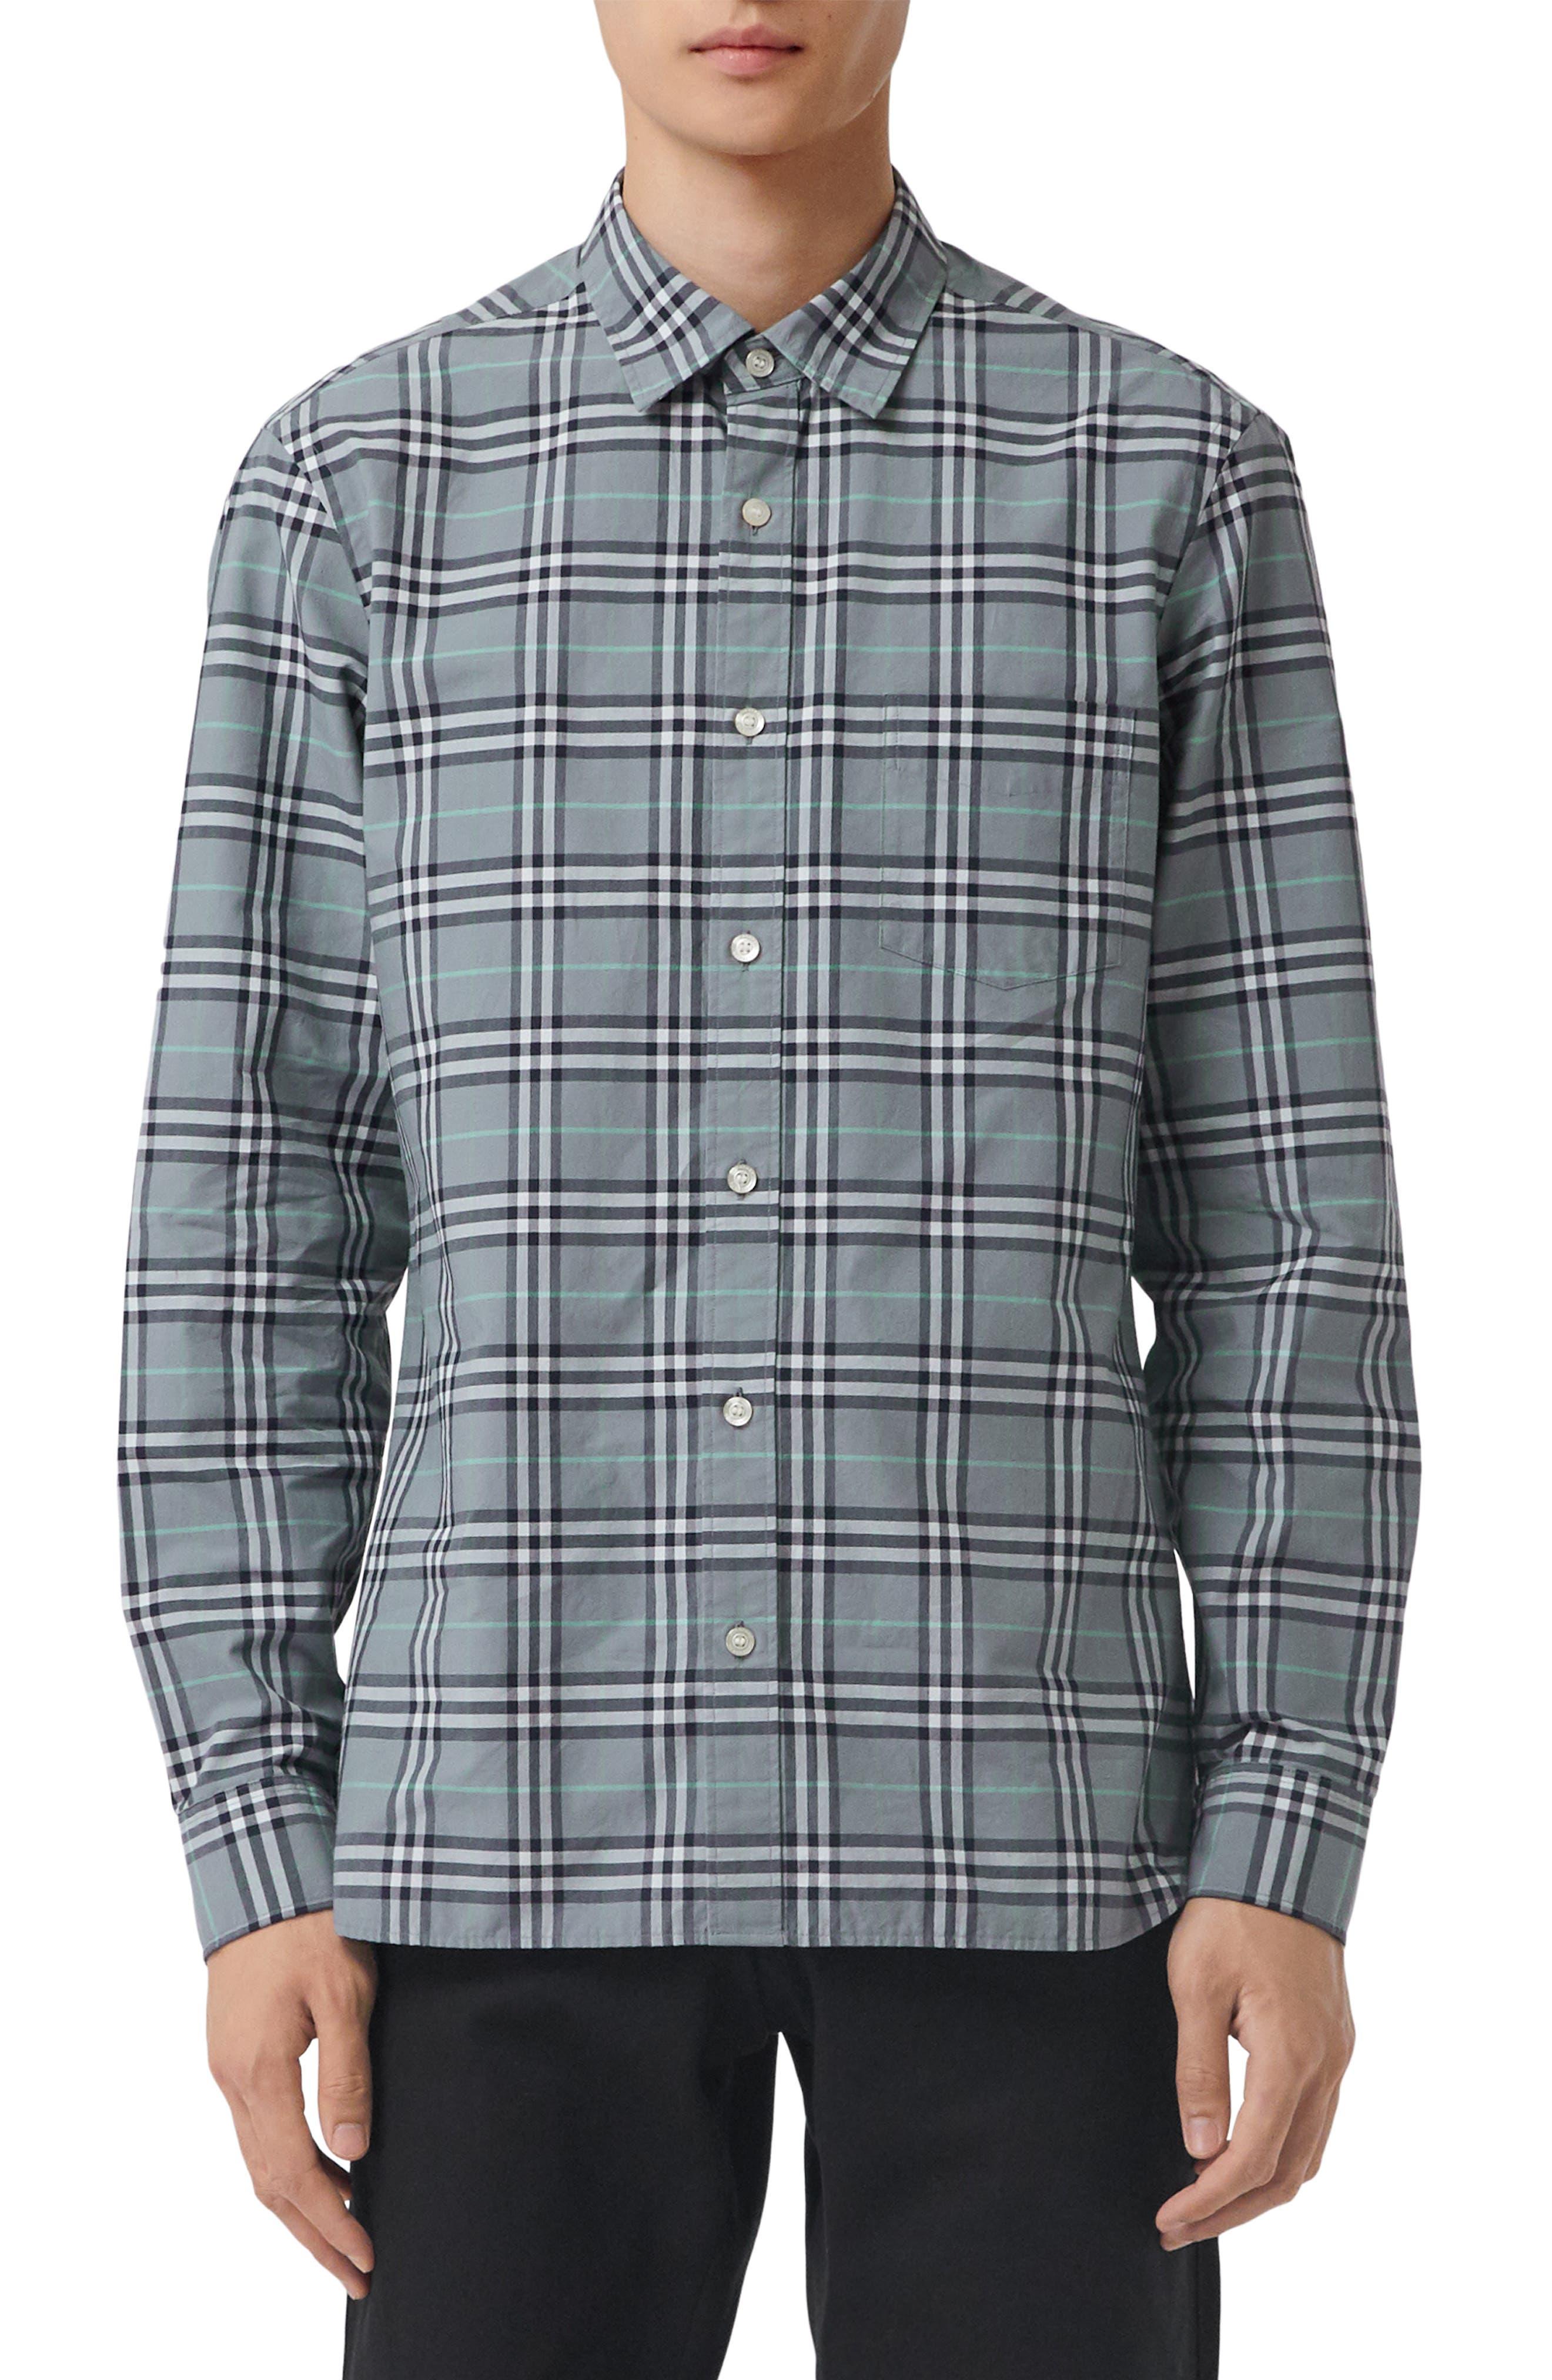 Alexander Check Sport Shirt,                         Main,                         color, 400